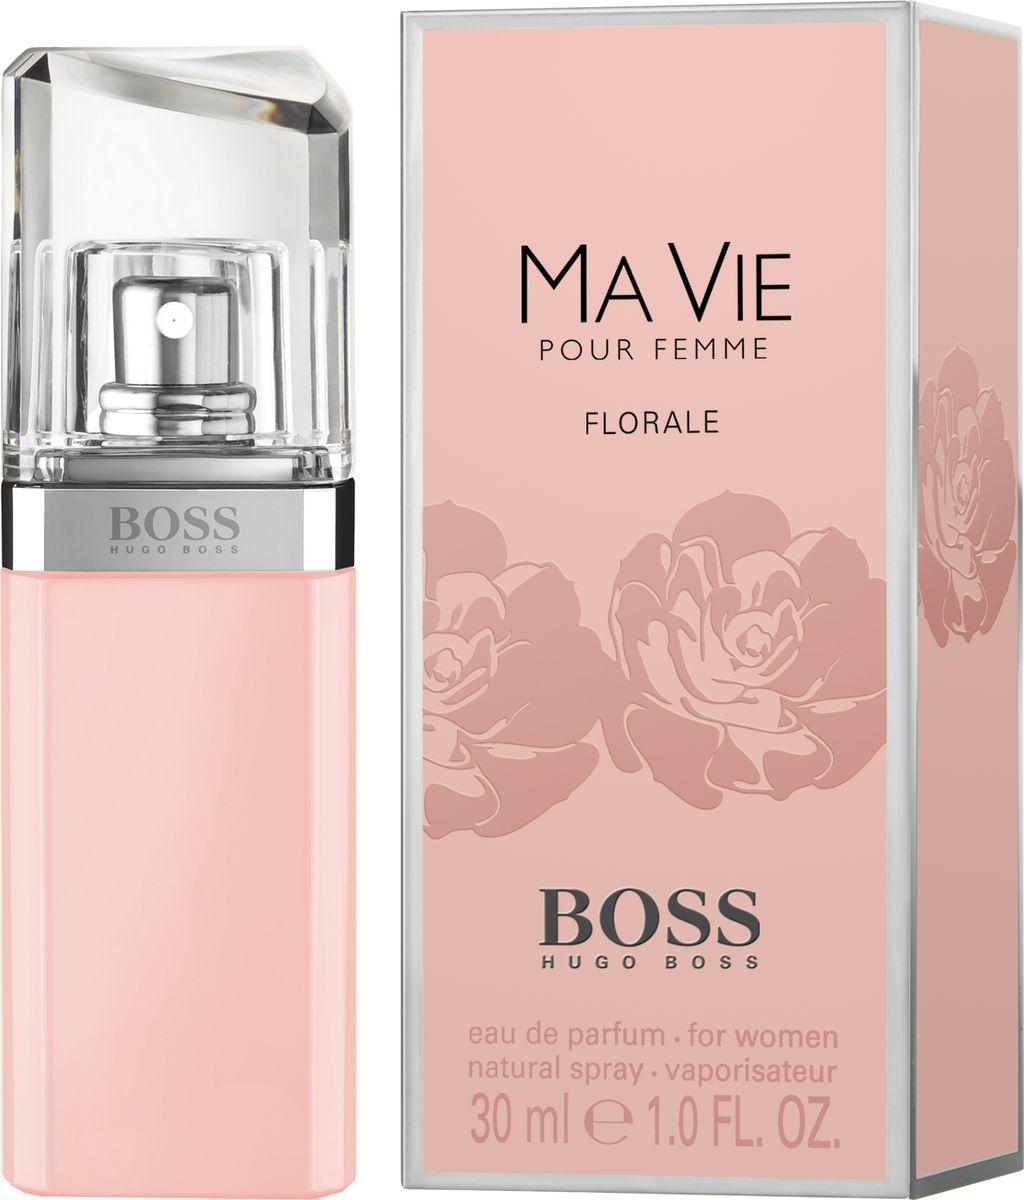 Hugo Boss Ma Vie Florale - Парфюмерная вода женская 30 мл8005610276236Женственный цветочный аромат BOSS MA VIE FLORALE от BOSS Parfums «расцветает» в успешной линейке BOSS MA VIE. Композиция раскрывается аккордом цветущего кактуса, который подчеркивает внутреннюю силу женщины и ее независимый характер. Элегантность и естественность композиции придают сердечные ноты: жасмин самбак и абсолют розы. Нежный аккорд розовой фрезии и лепестков жасмина переплетается с нотой бутонов розы, тем самым создавая аромат свежего букета цветов. Яркое и гармоничное сочетание этих цветочных ингредиентов вдохновляют обладательницу аромата сделать паузу и насладиться мгновением.Краткий гид по парфюмерии: виды, ноты, ароматы, советы по выбору. Статья OZON Гид